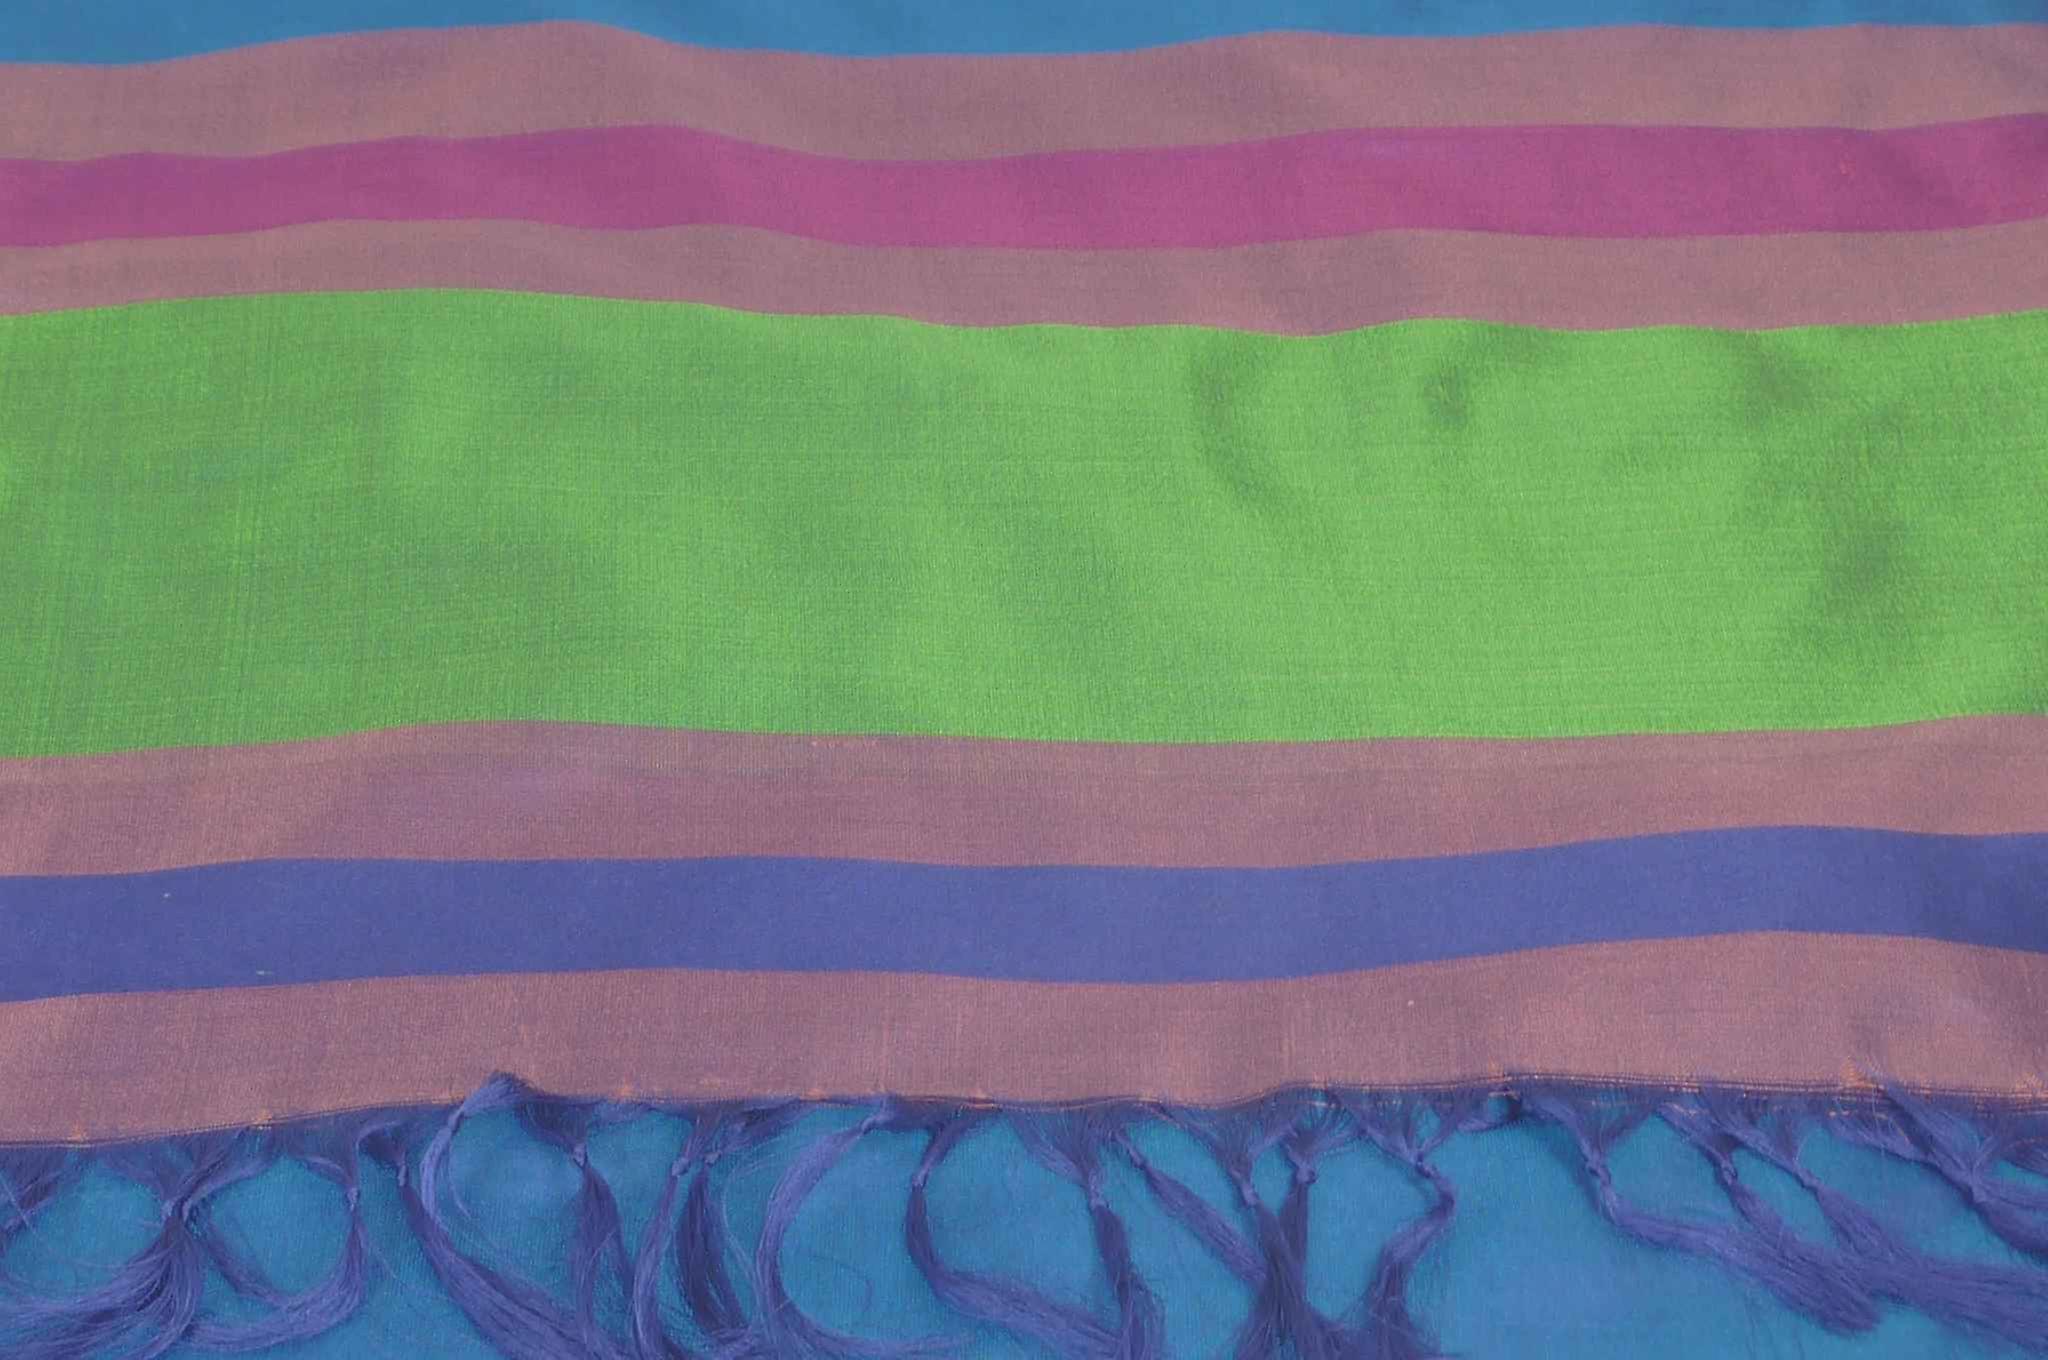 Varanasi Border Prime Silk Long Scarf Heritage Chaudry 804 by Pashmina & Silk